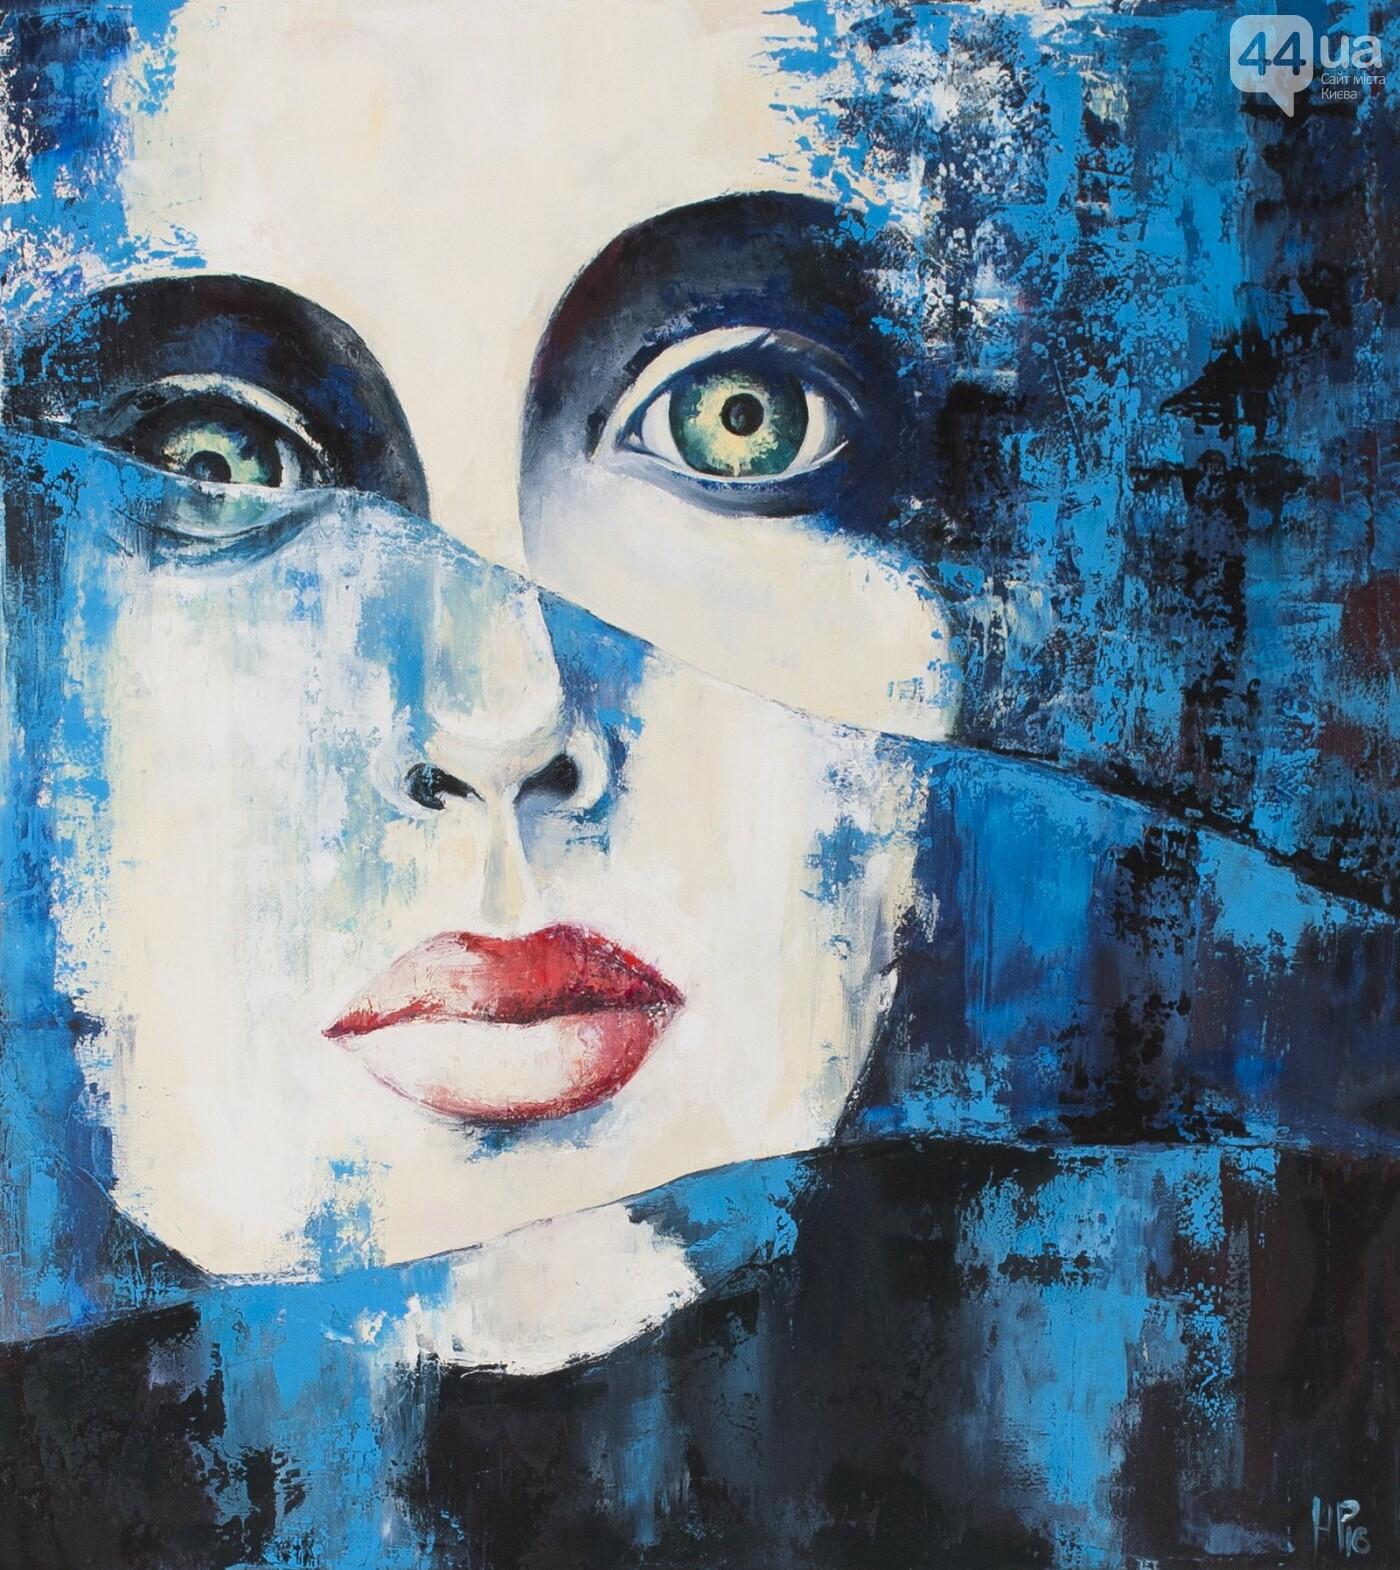 В Киеве украинская художница презентует истории о женщинах в картинах, фото-3